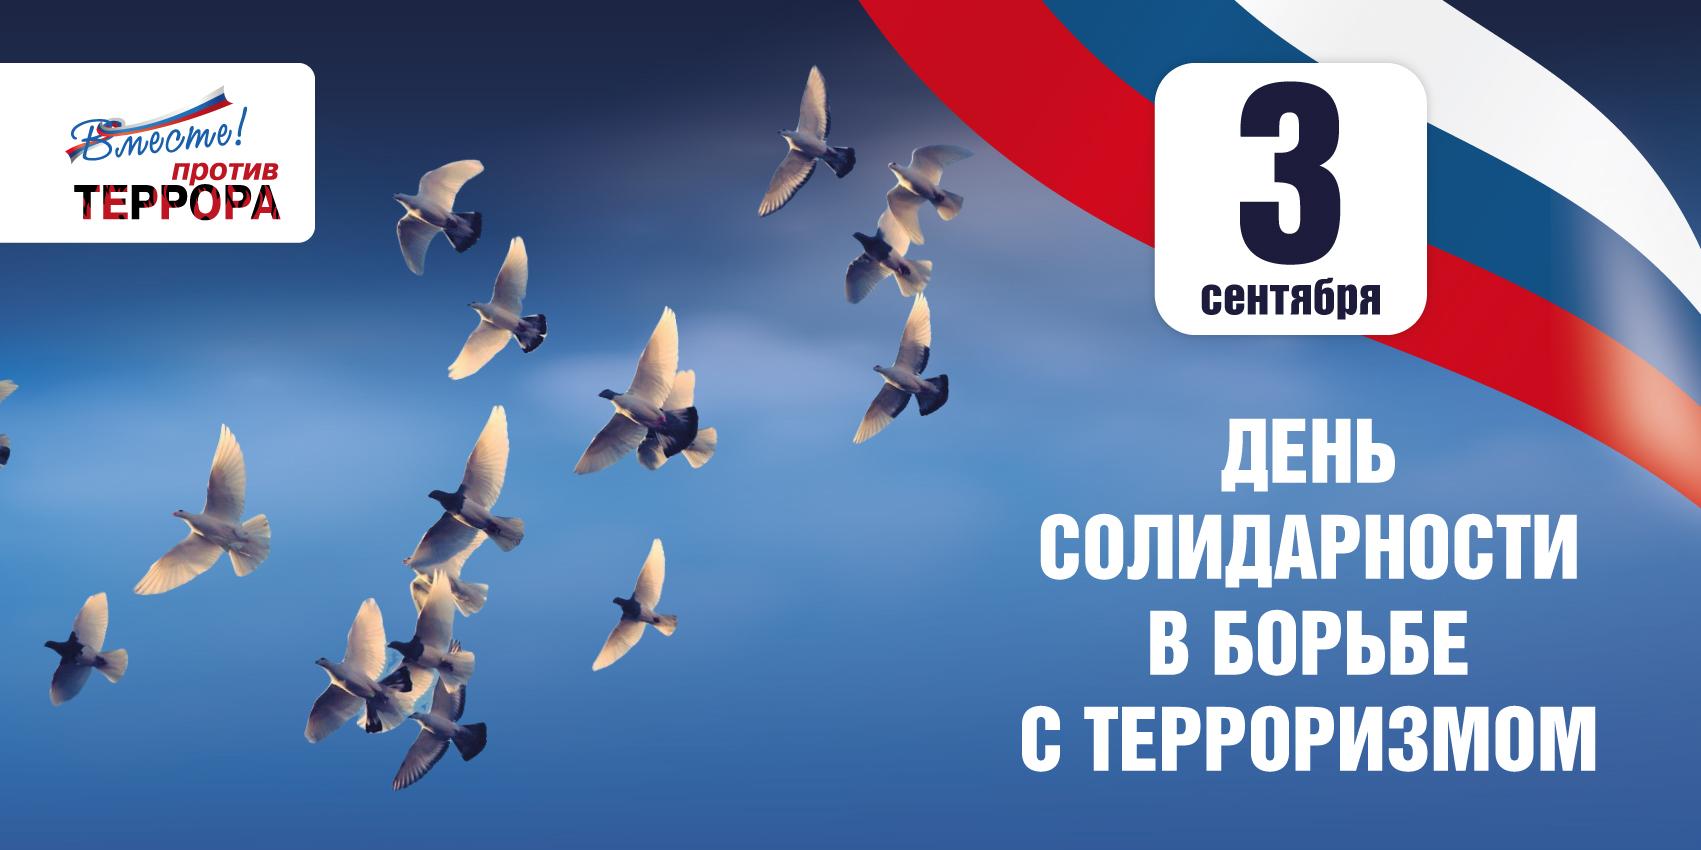 Учреждения культуры Республики Коми присоединятся ко Дню солидарности в борьбе с терроризмом